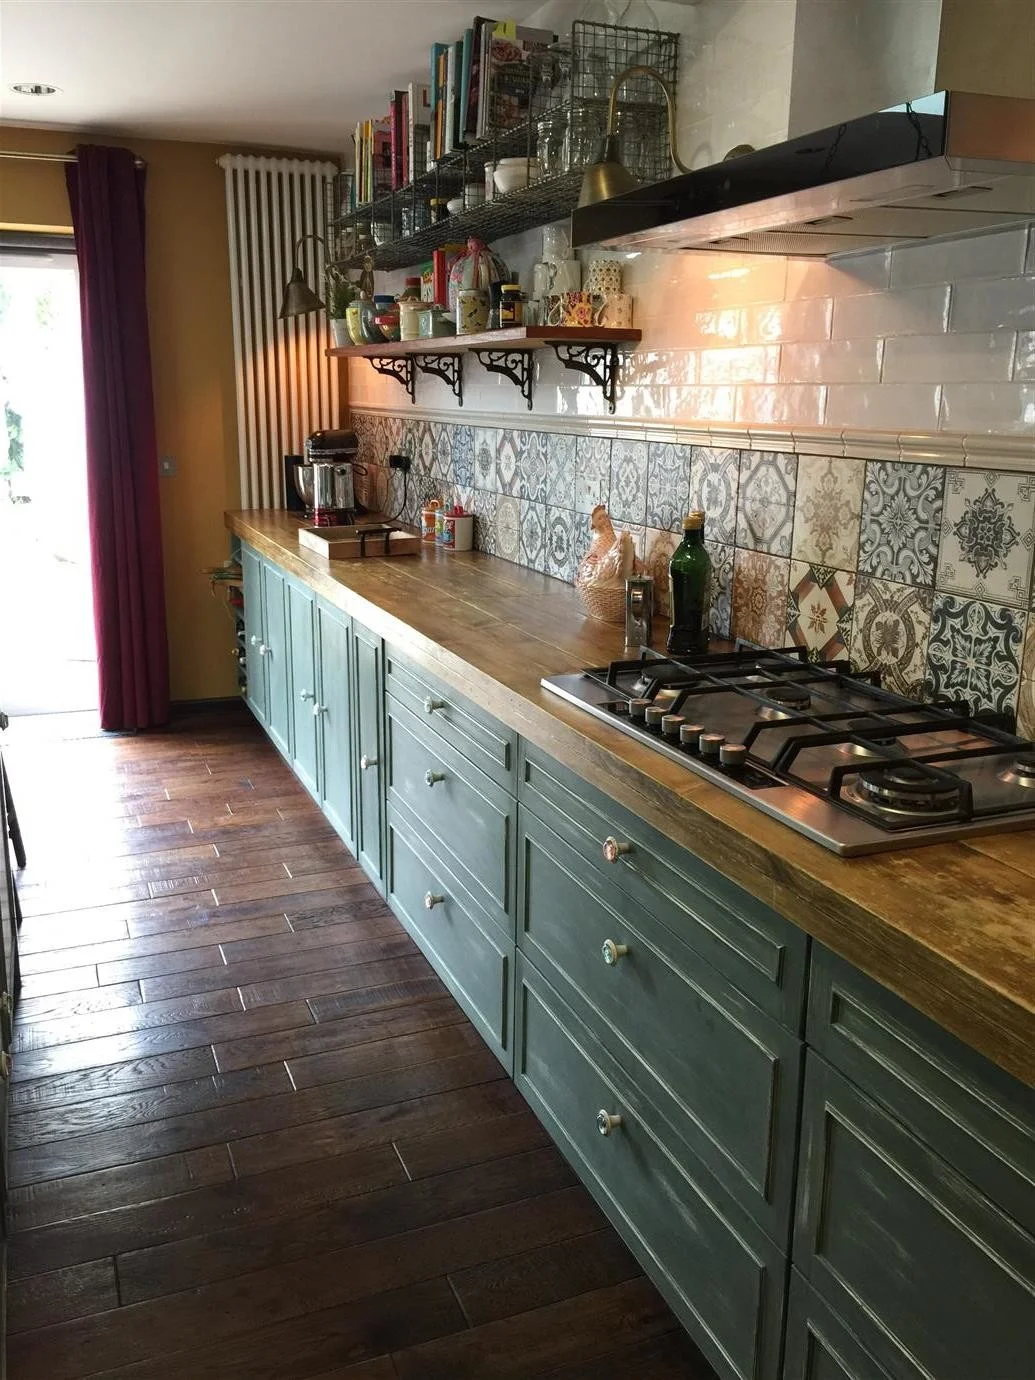 Színes vintage csempék a konyhában nagyszerűen kiegészítik a fehér kézzel készített csempéket.